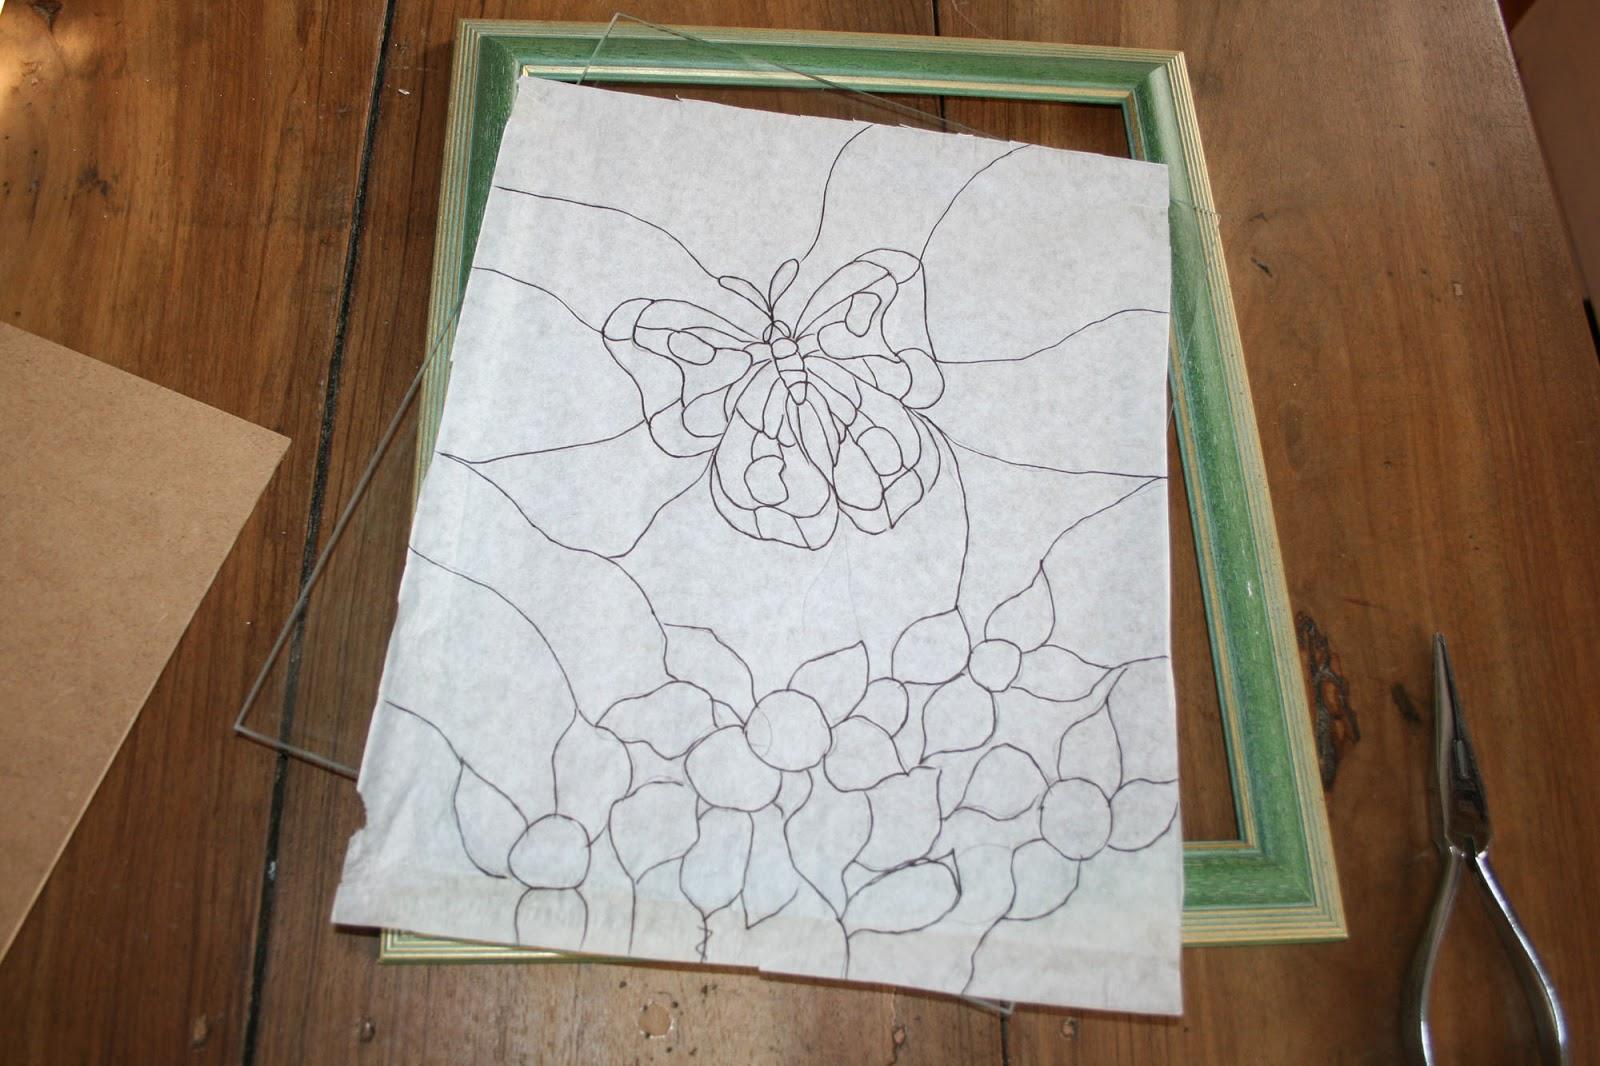 Favoloso Fatto da me tutorial: Quadro con farfalla dipinto su vetro  EK72